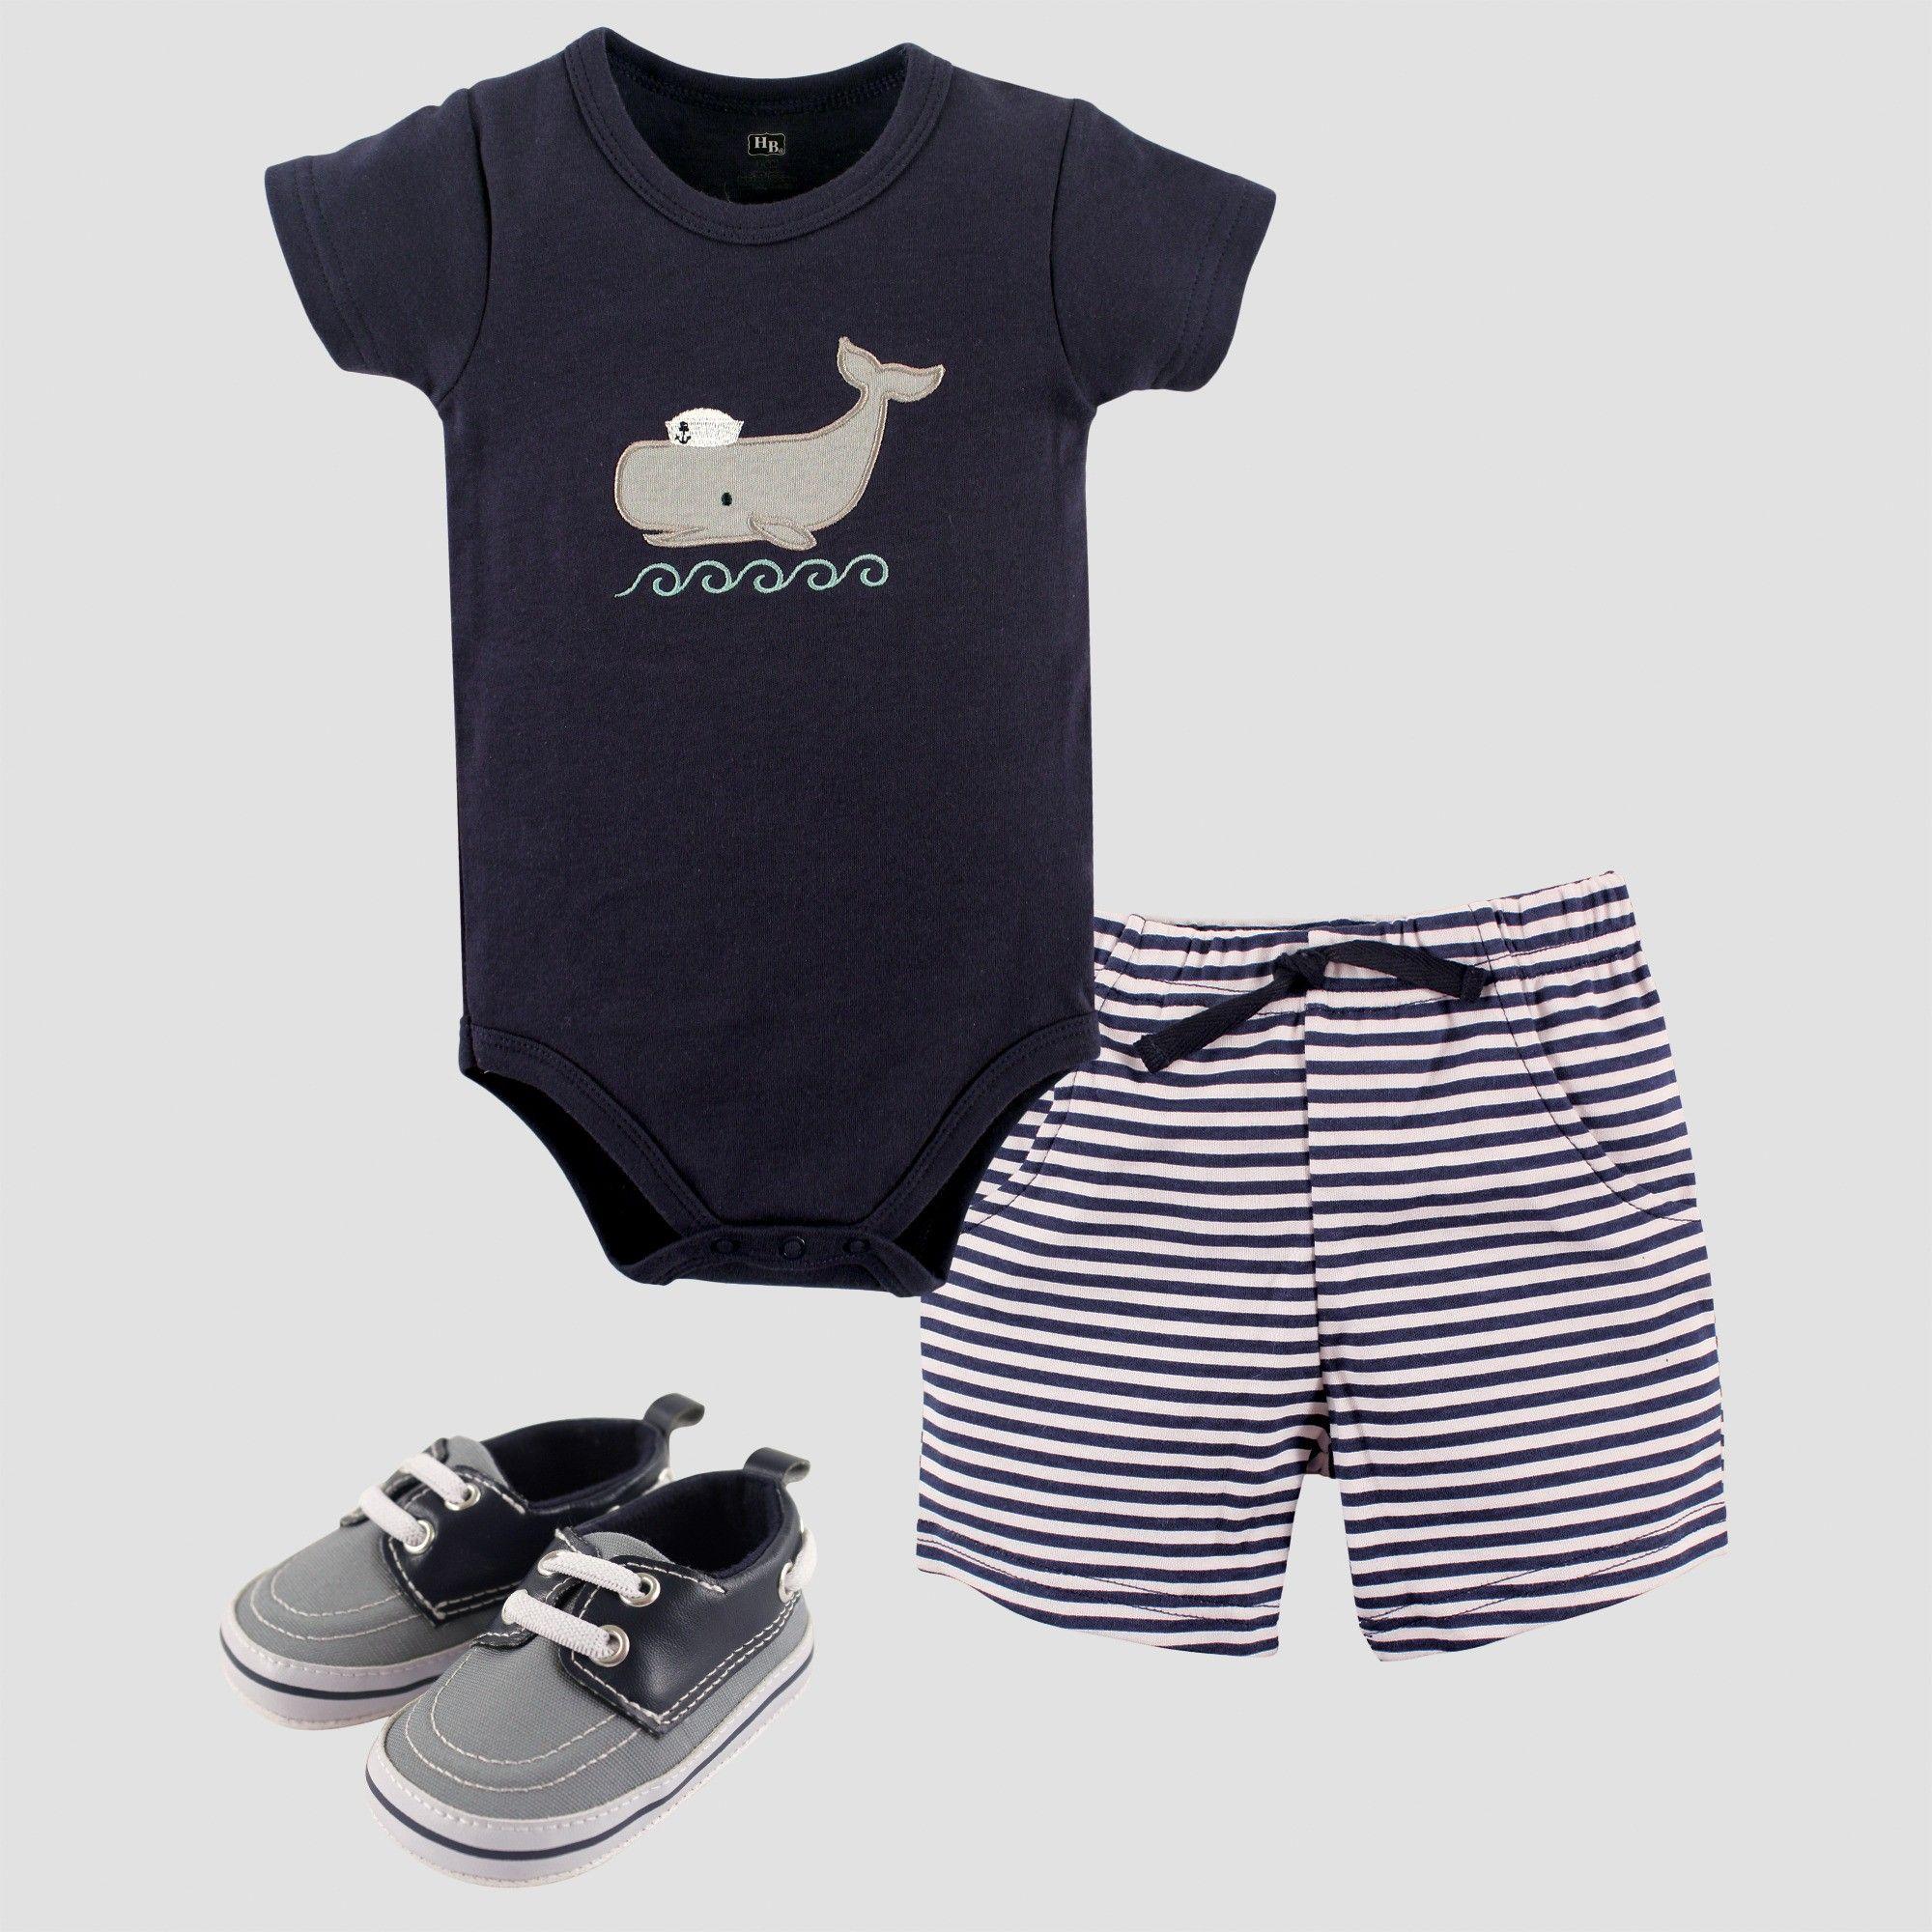 Hudson Baby Boys Bodysuit Shorts and Shoe Set Blue 9 12M Size